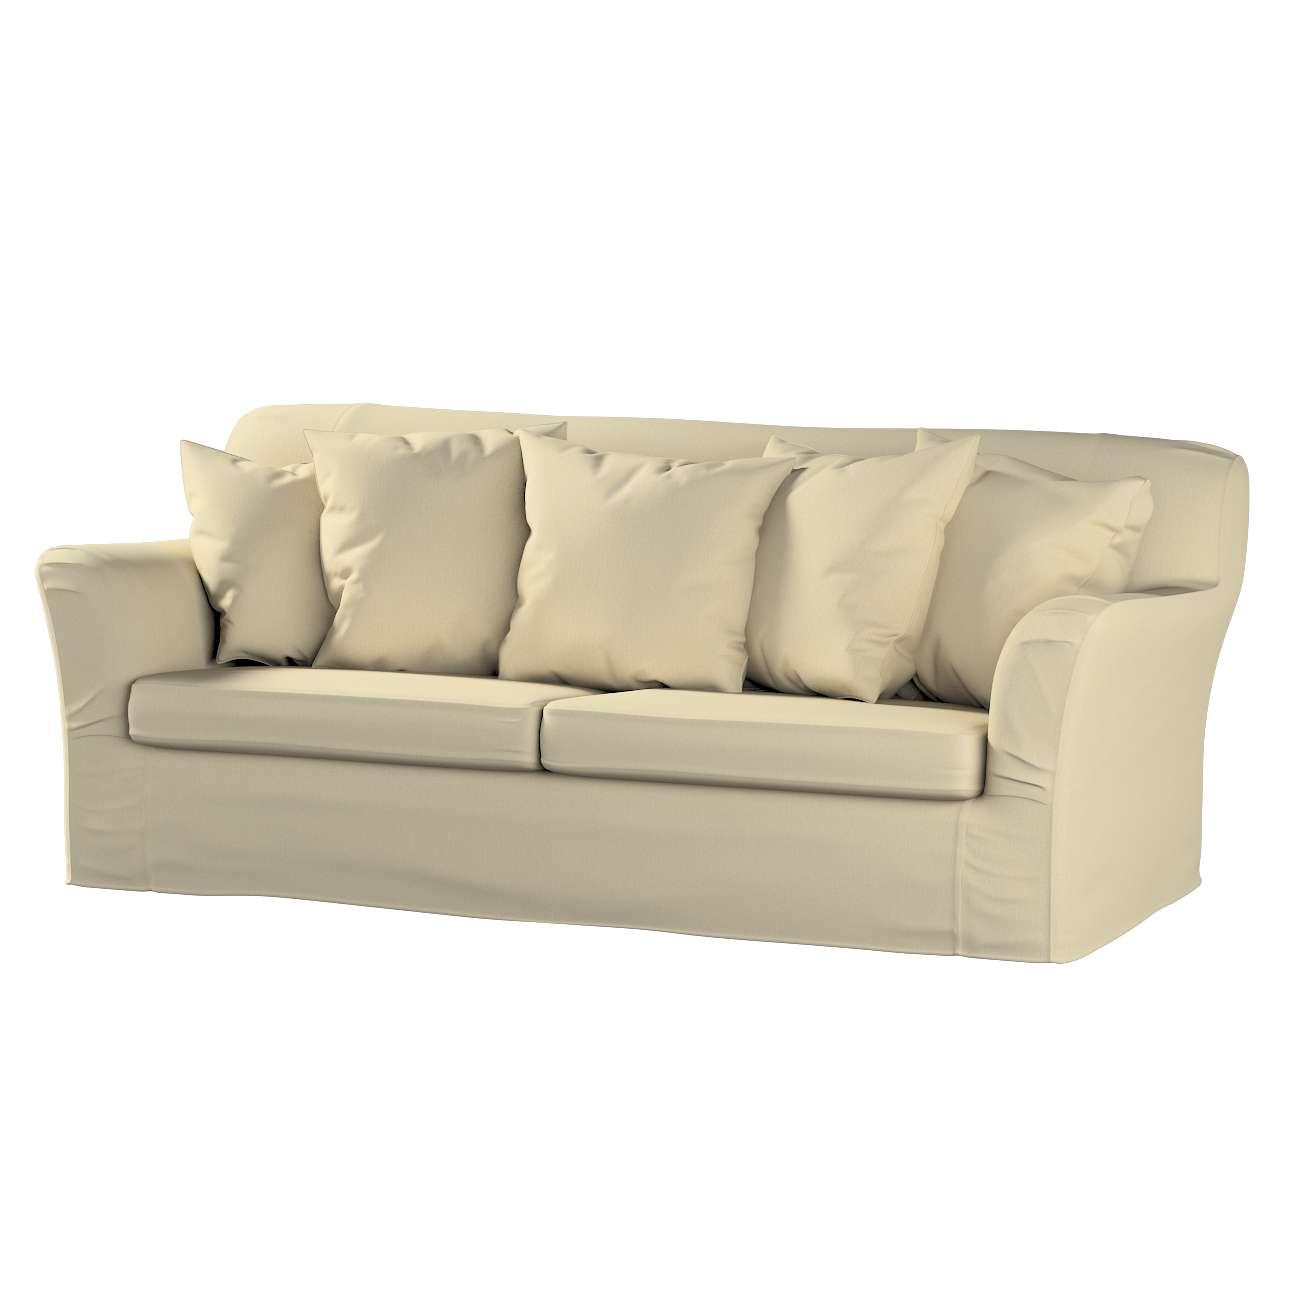 TOMELILLA trivietės sofos lovos užvalkalas TOMELILLA trivietė sofa lova kolekcijoje Chenille, audinys: 702-22